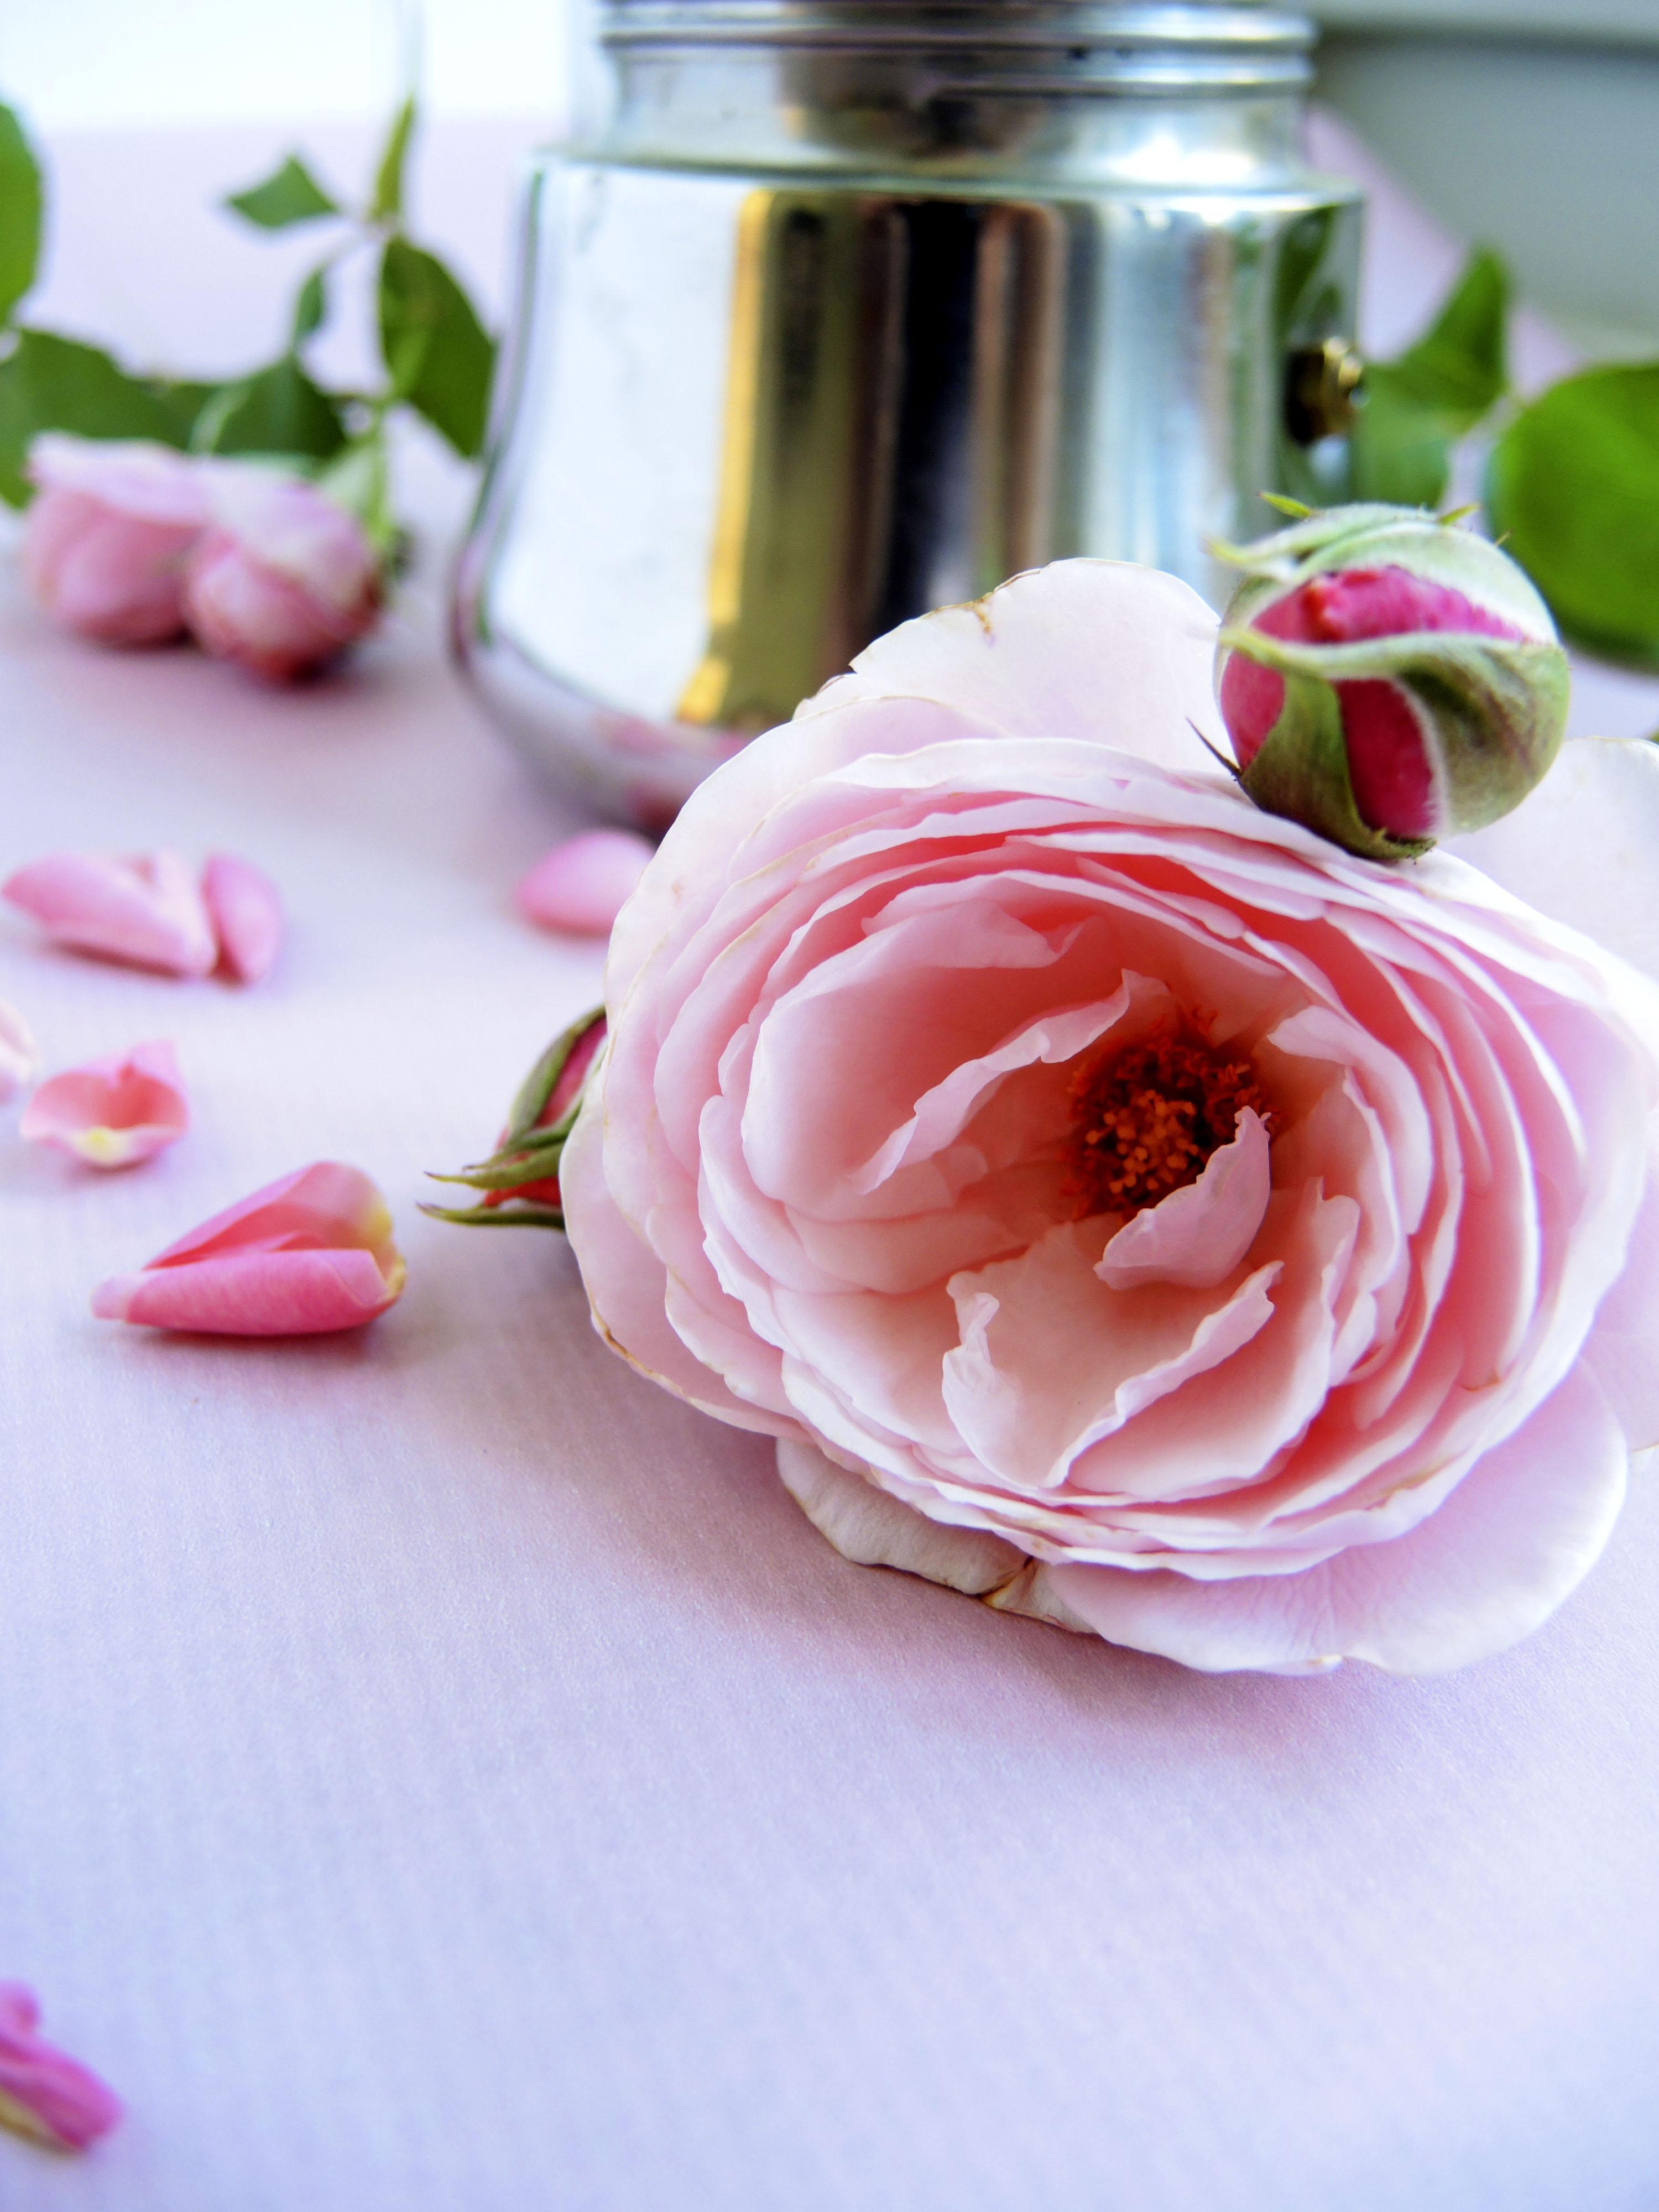 Rose_nah